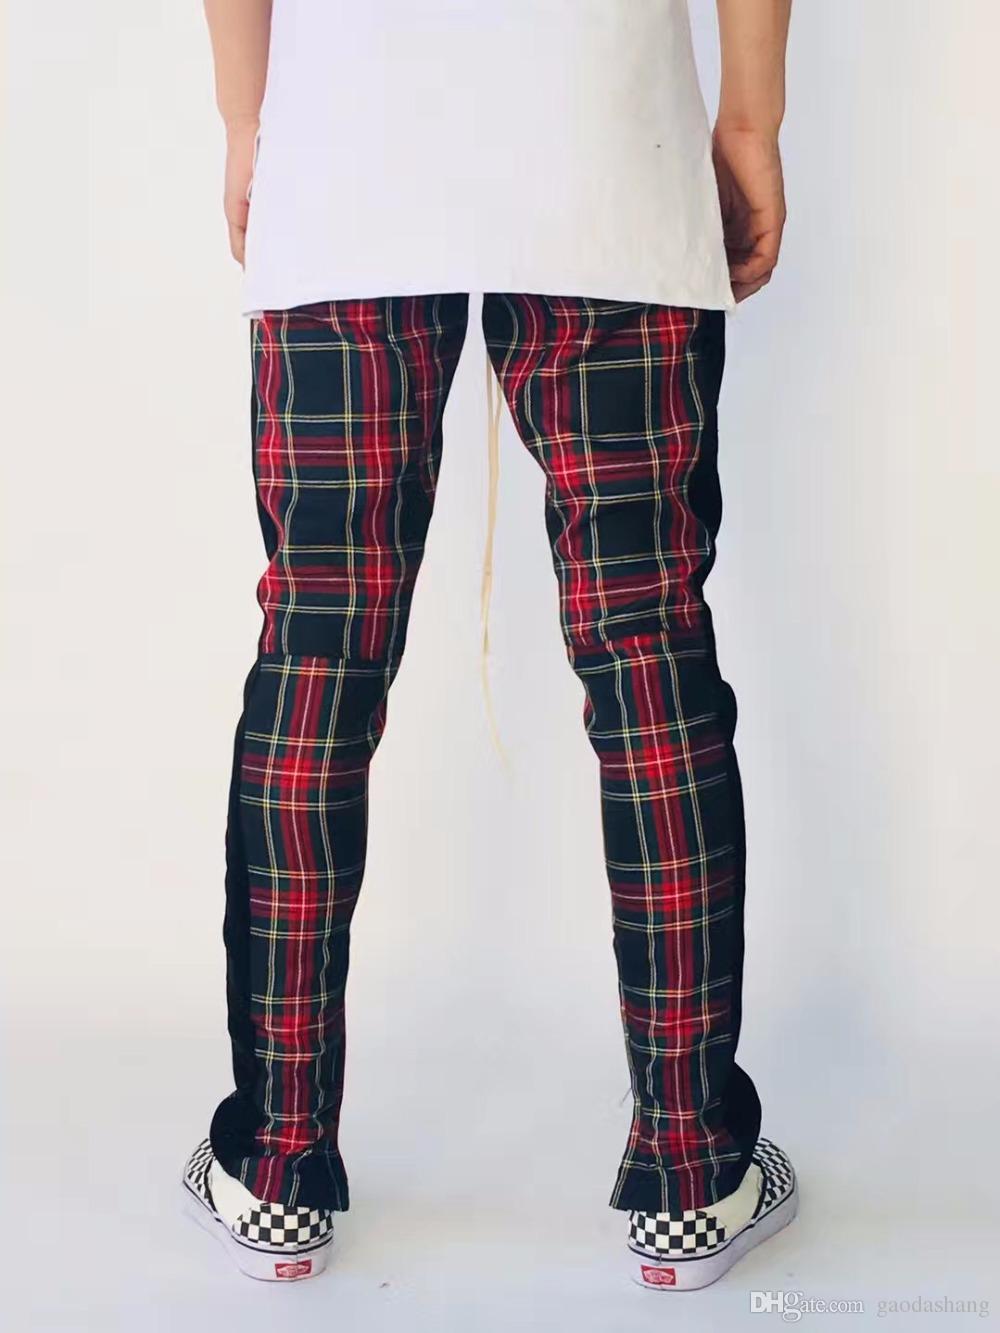 Новый 2018 осень новый спортивные штаны Мужчины Женщины туман случайные брюки Drawstring талии узкие брюки мужчины плед брюки мода брюки S-XL